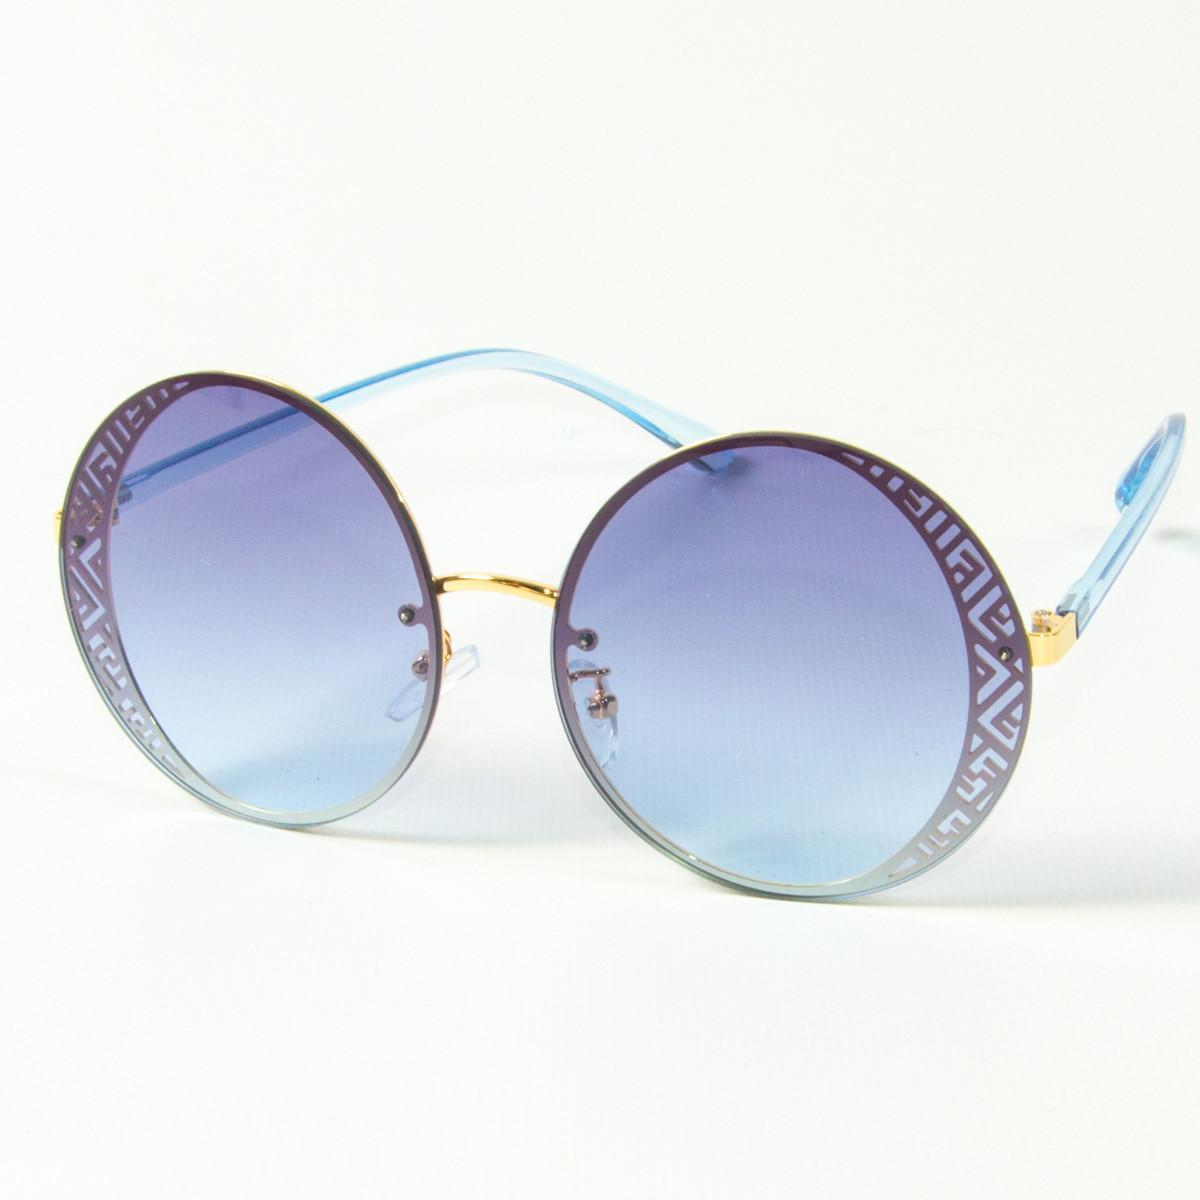 Оптом женские солнцезащитные круглые очки  (арт. 80-664/4) голубые